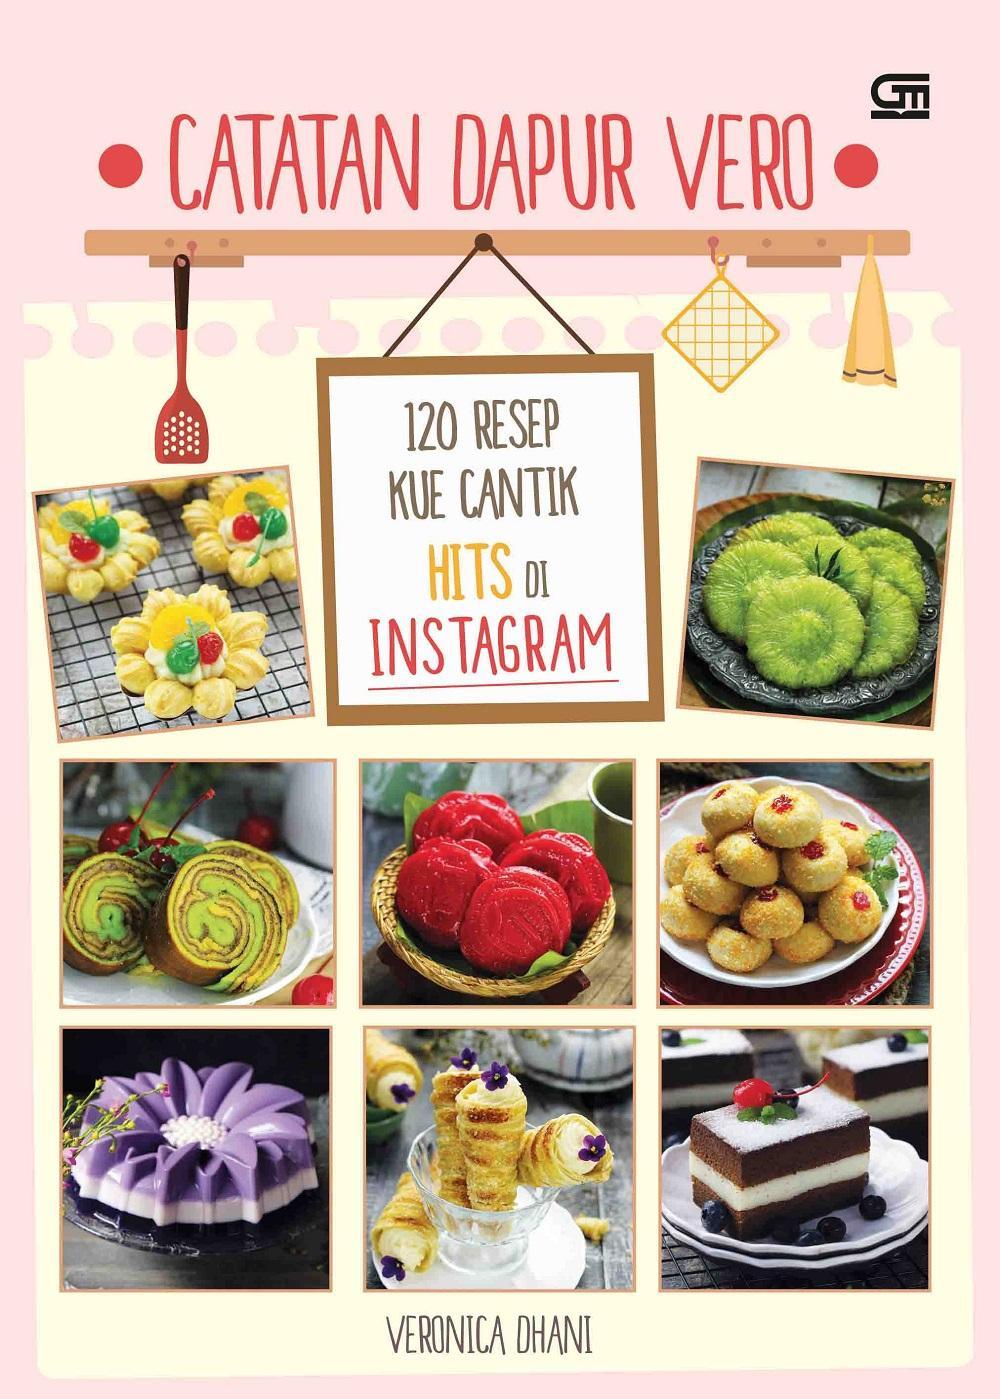 Buku Catatan Dapur Vero: 120 Resep Kue Cantik Hits Di Instagram